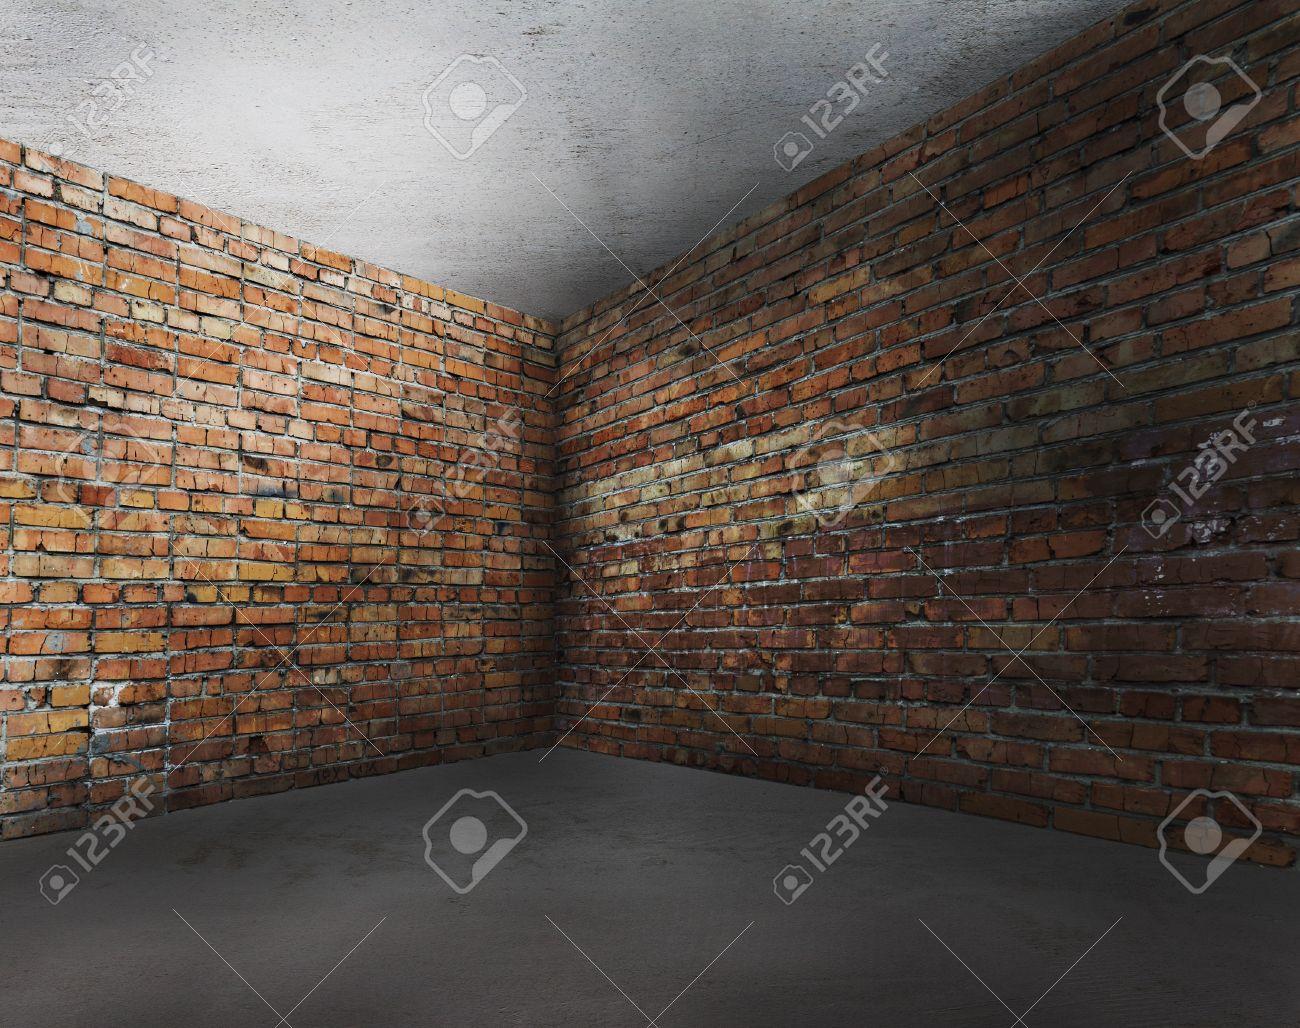 brick wall  empty room Empty Brick Wall